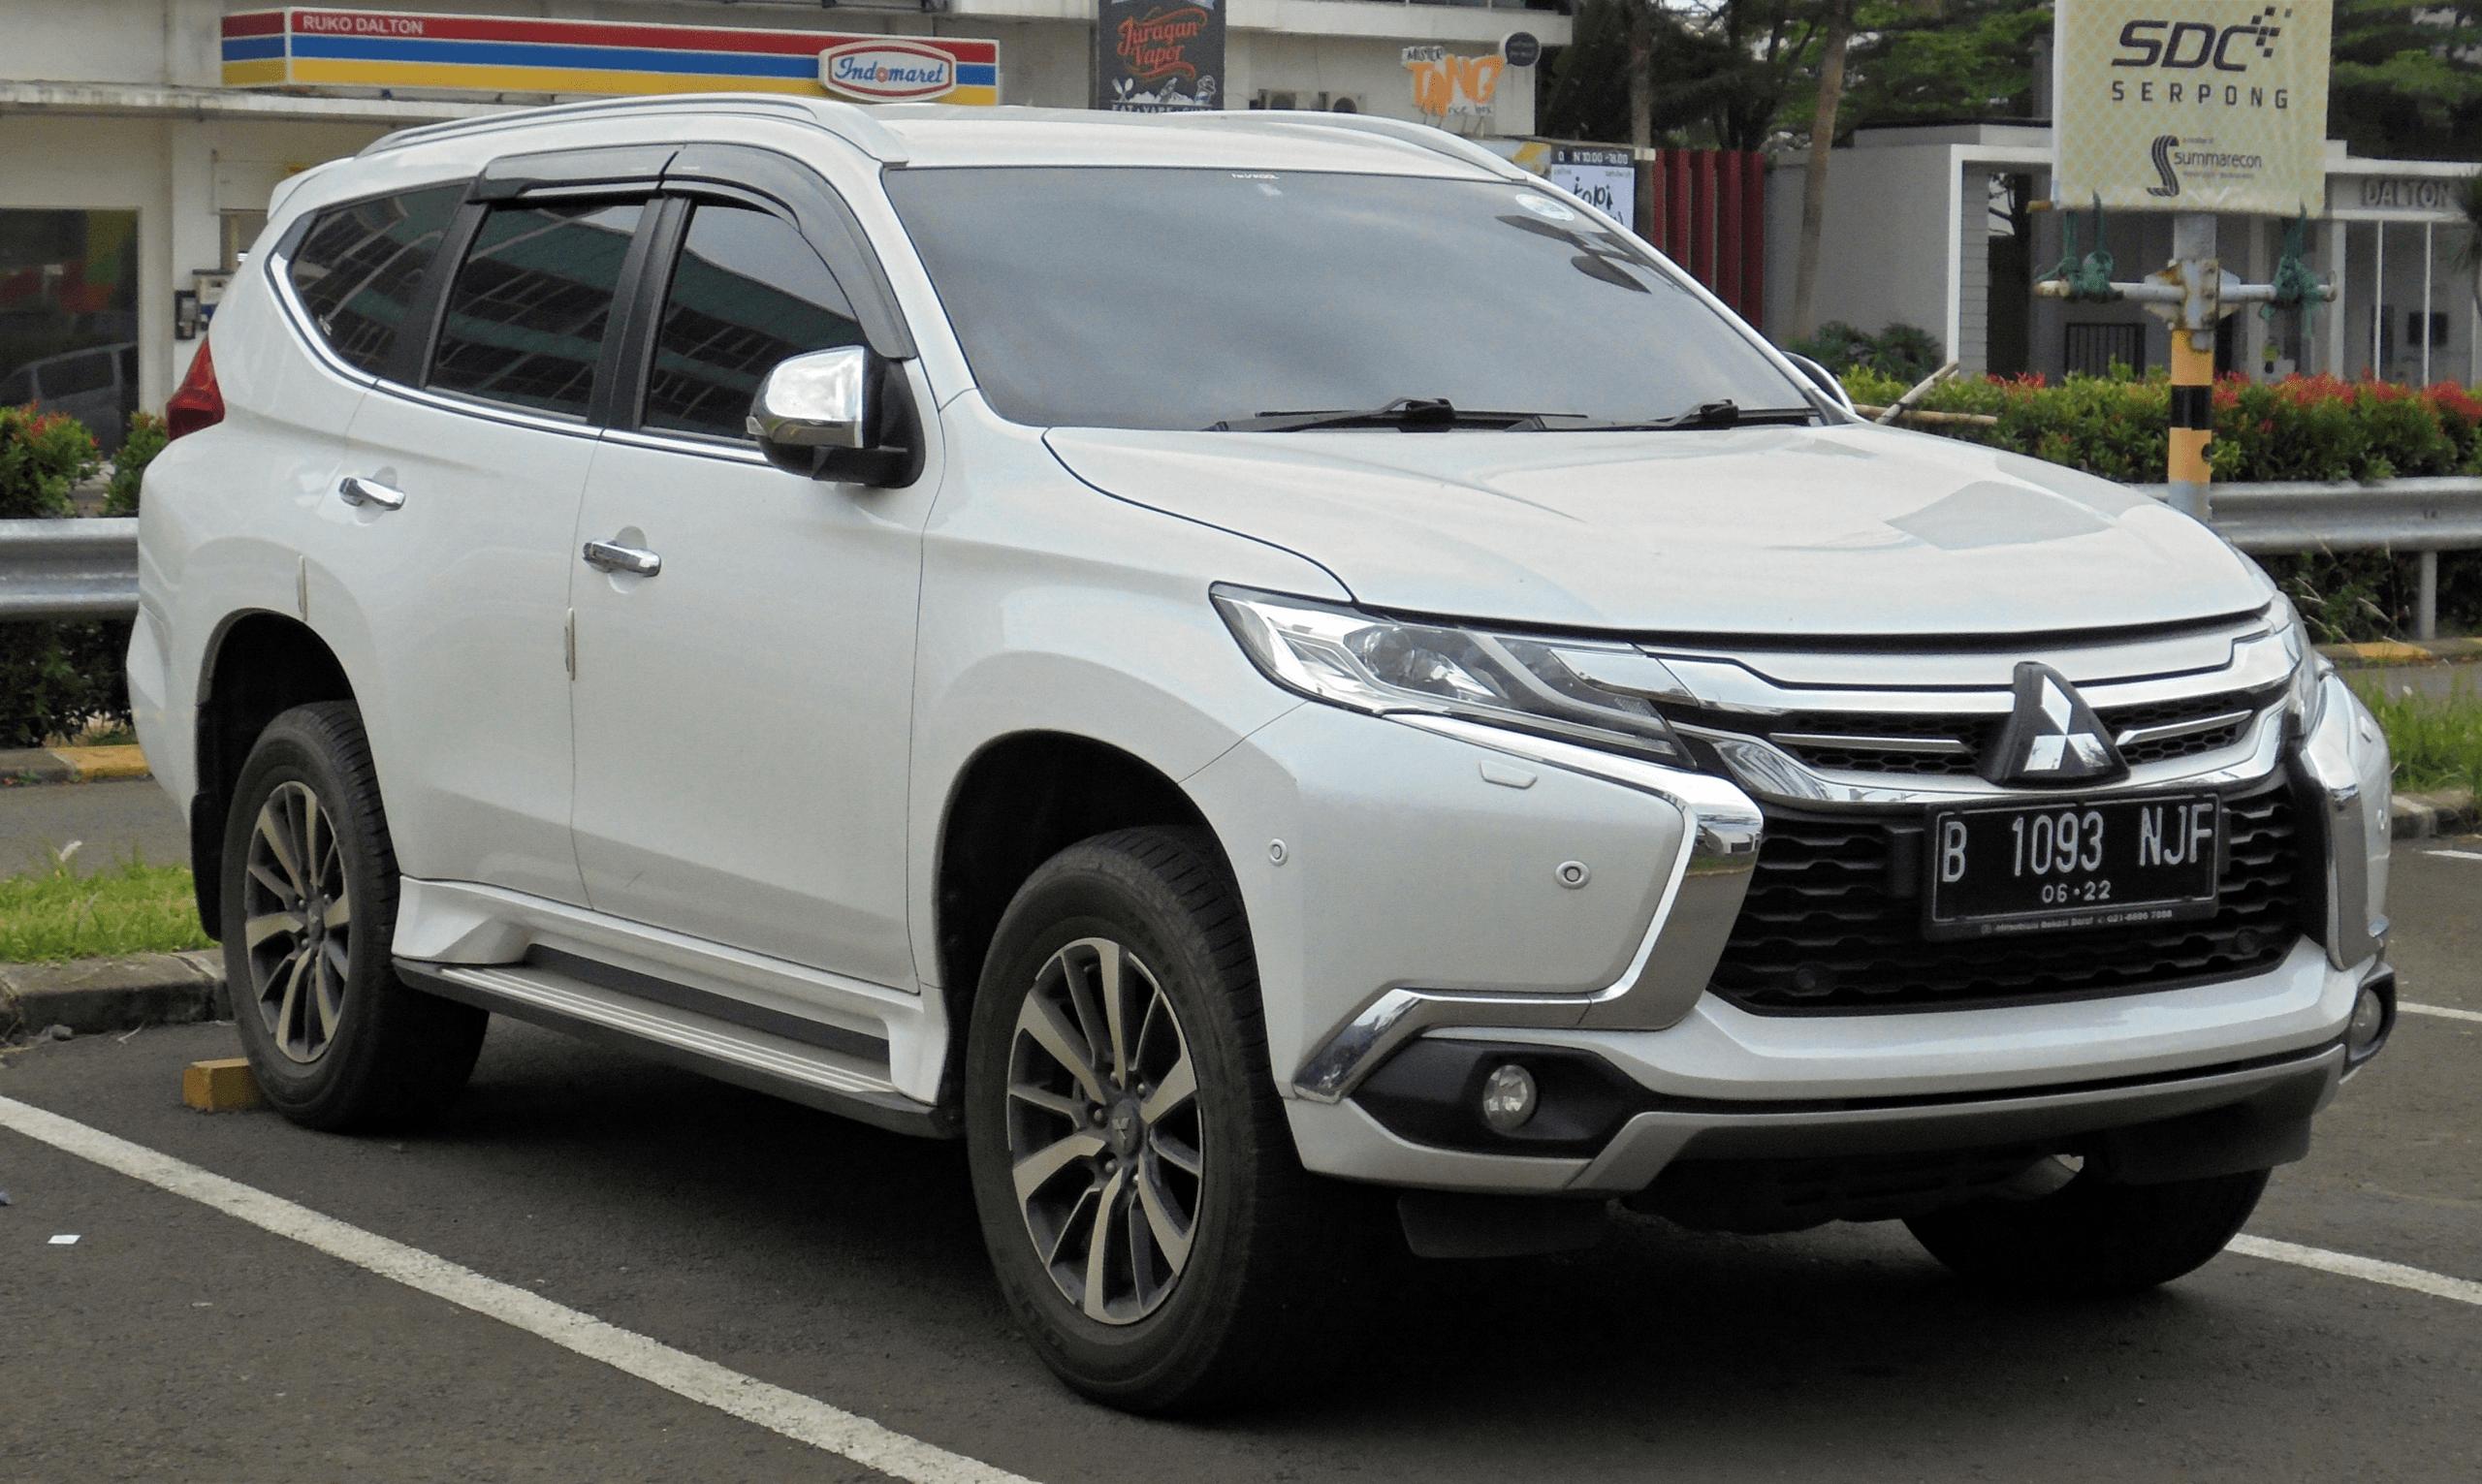 2020 Mitsubishi Montero Sport Philippines Release Date and